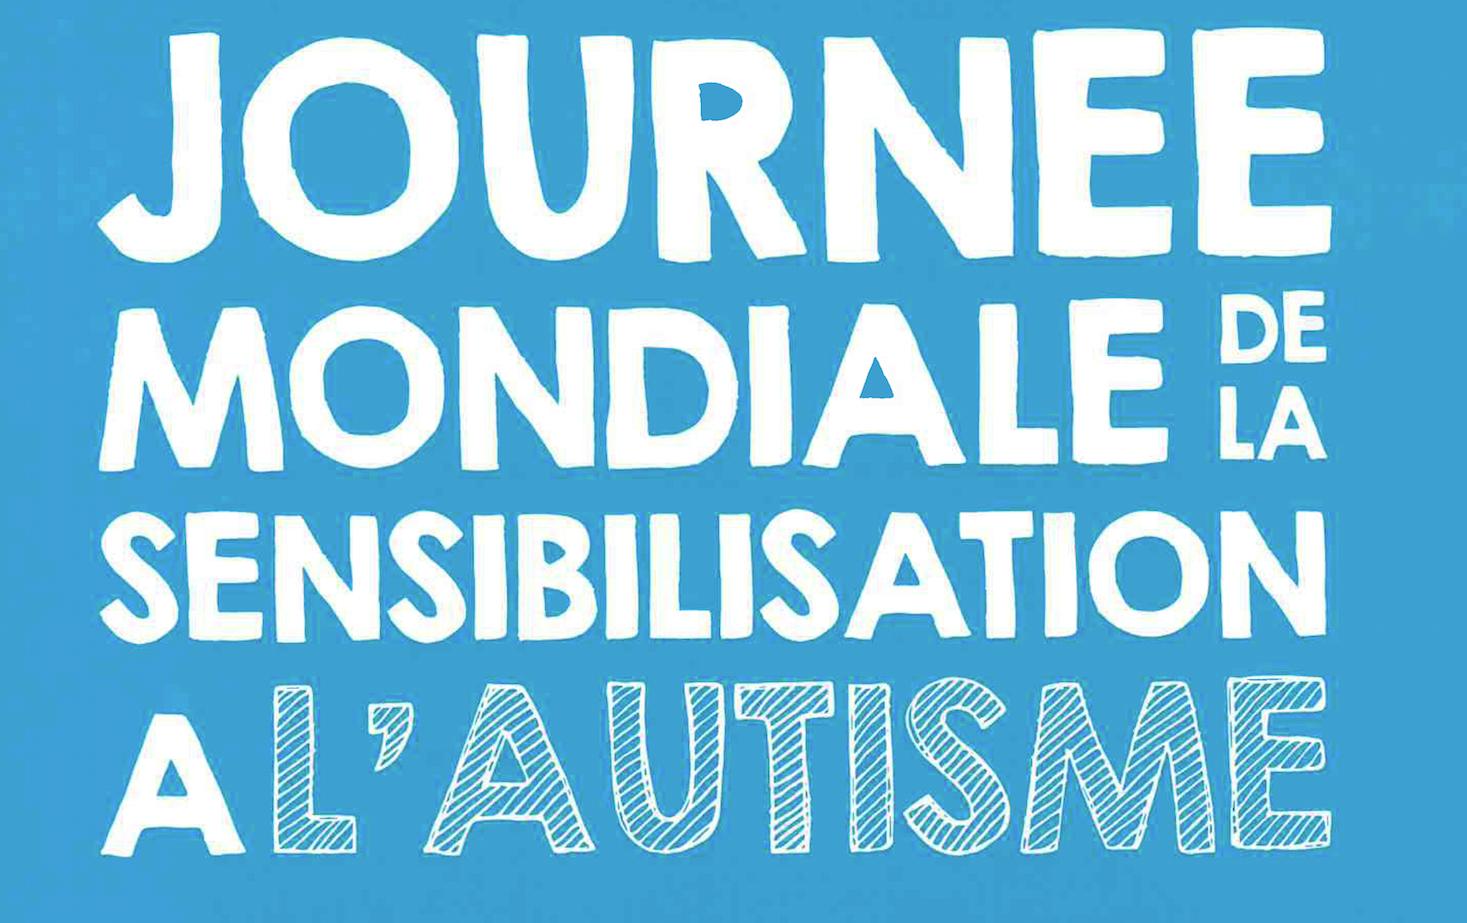 Journée mondiale de sensibilisation autisme - Calendovia